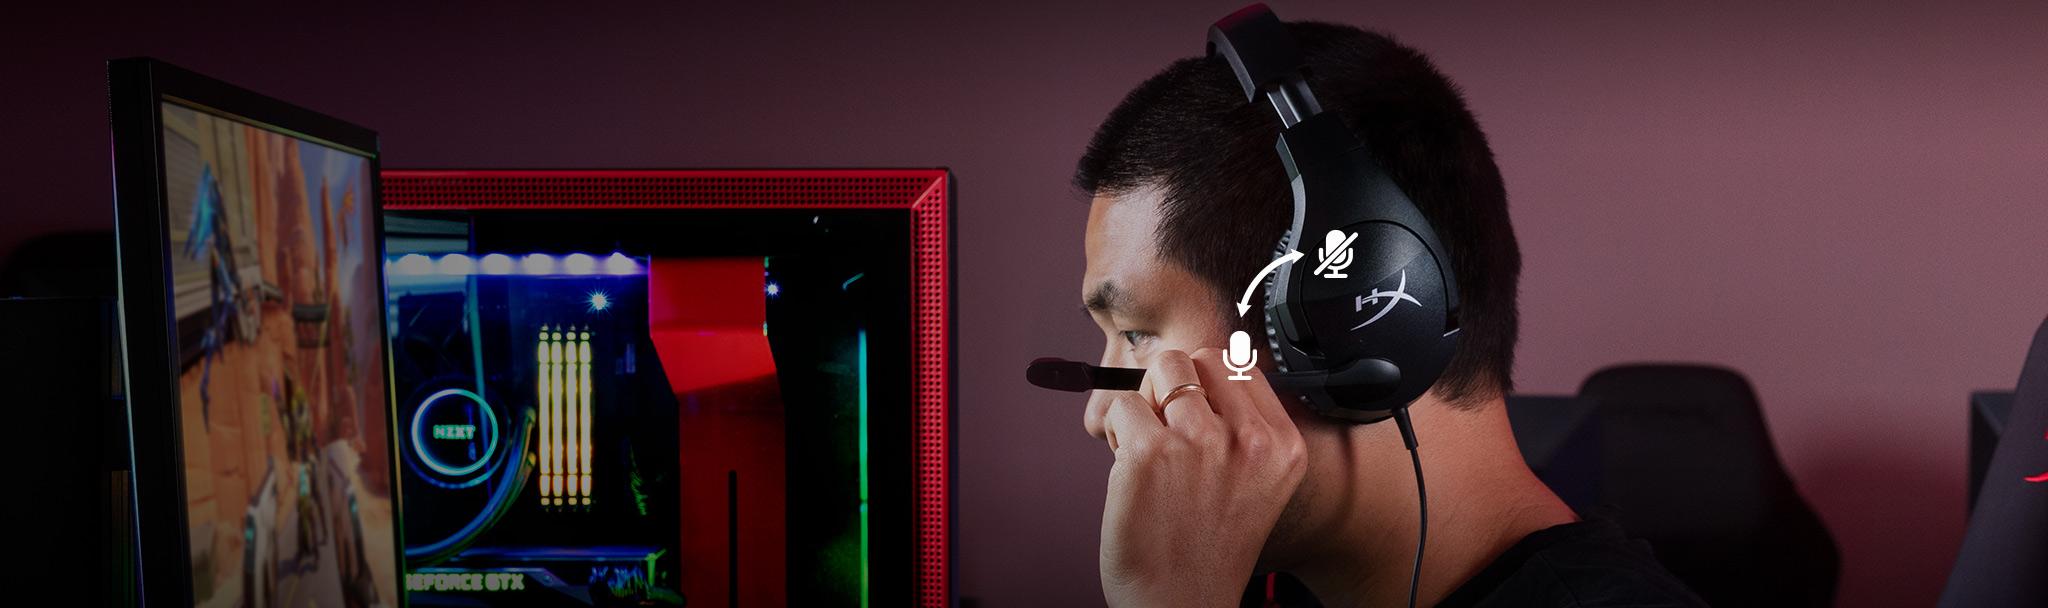 Micro của Tai nghe Kingston HyperX Cloud Stinger S_HHSS1S-AA-BK/G có thể gập để tắt tiếng